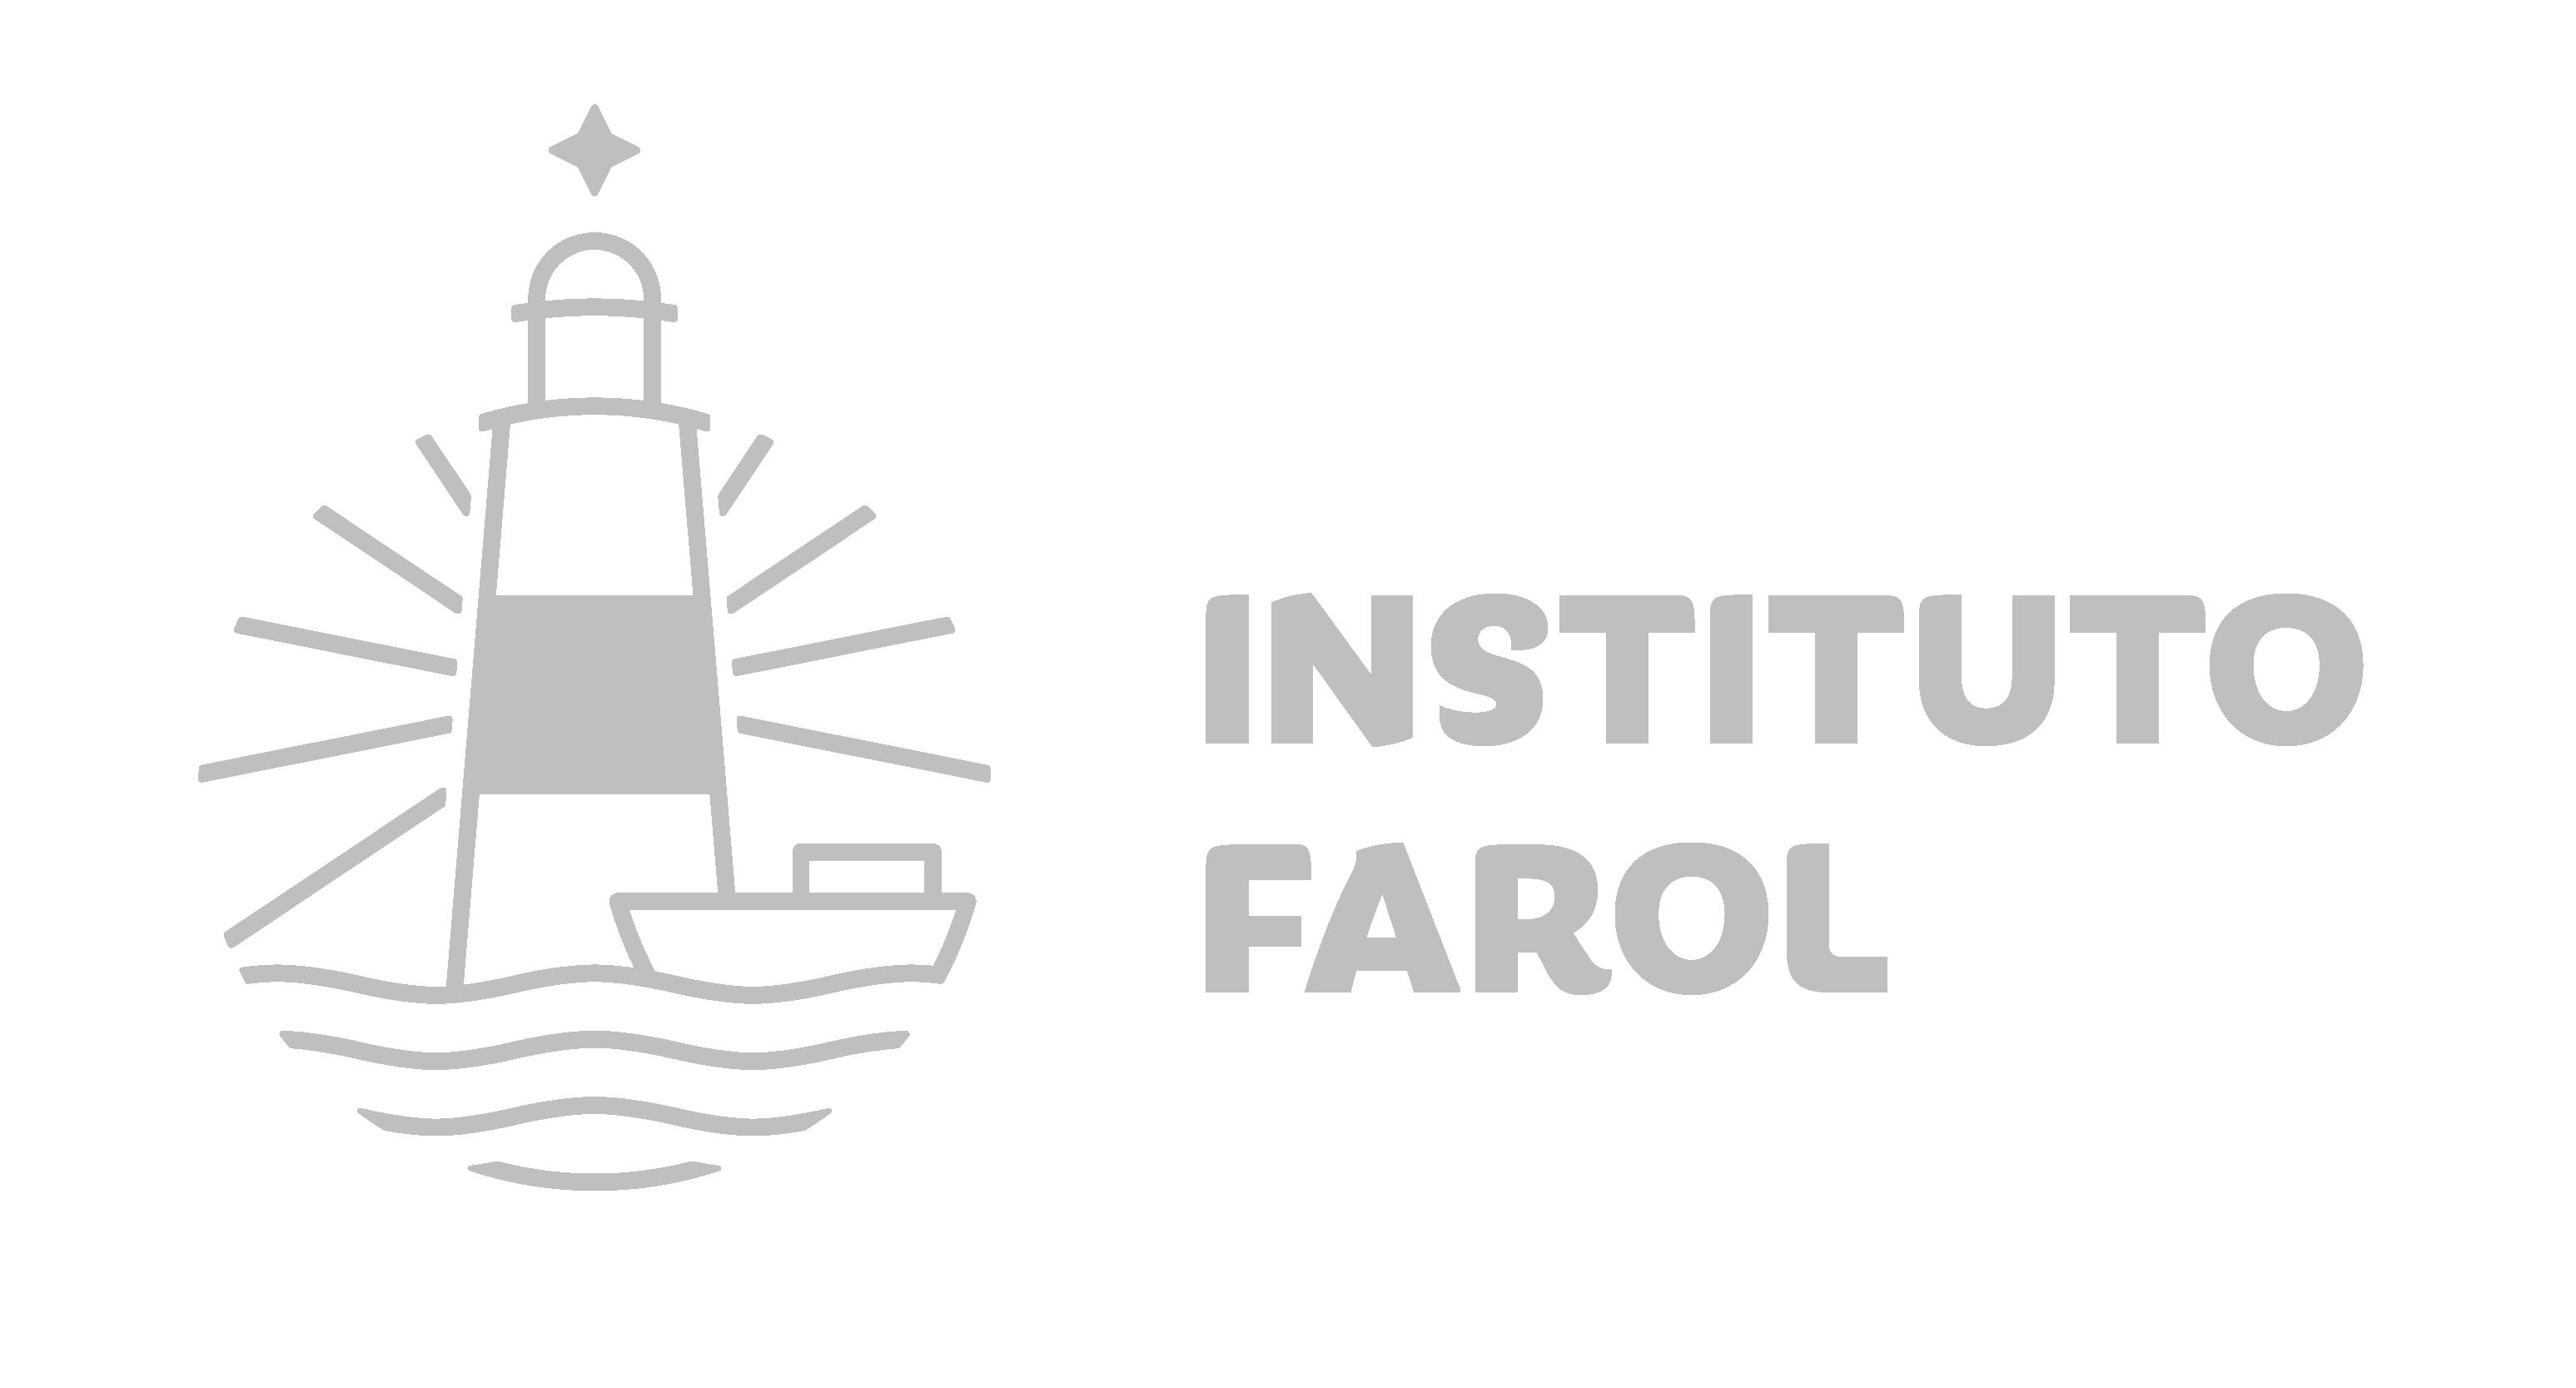 Instituto Farol